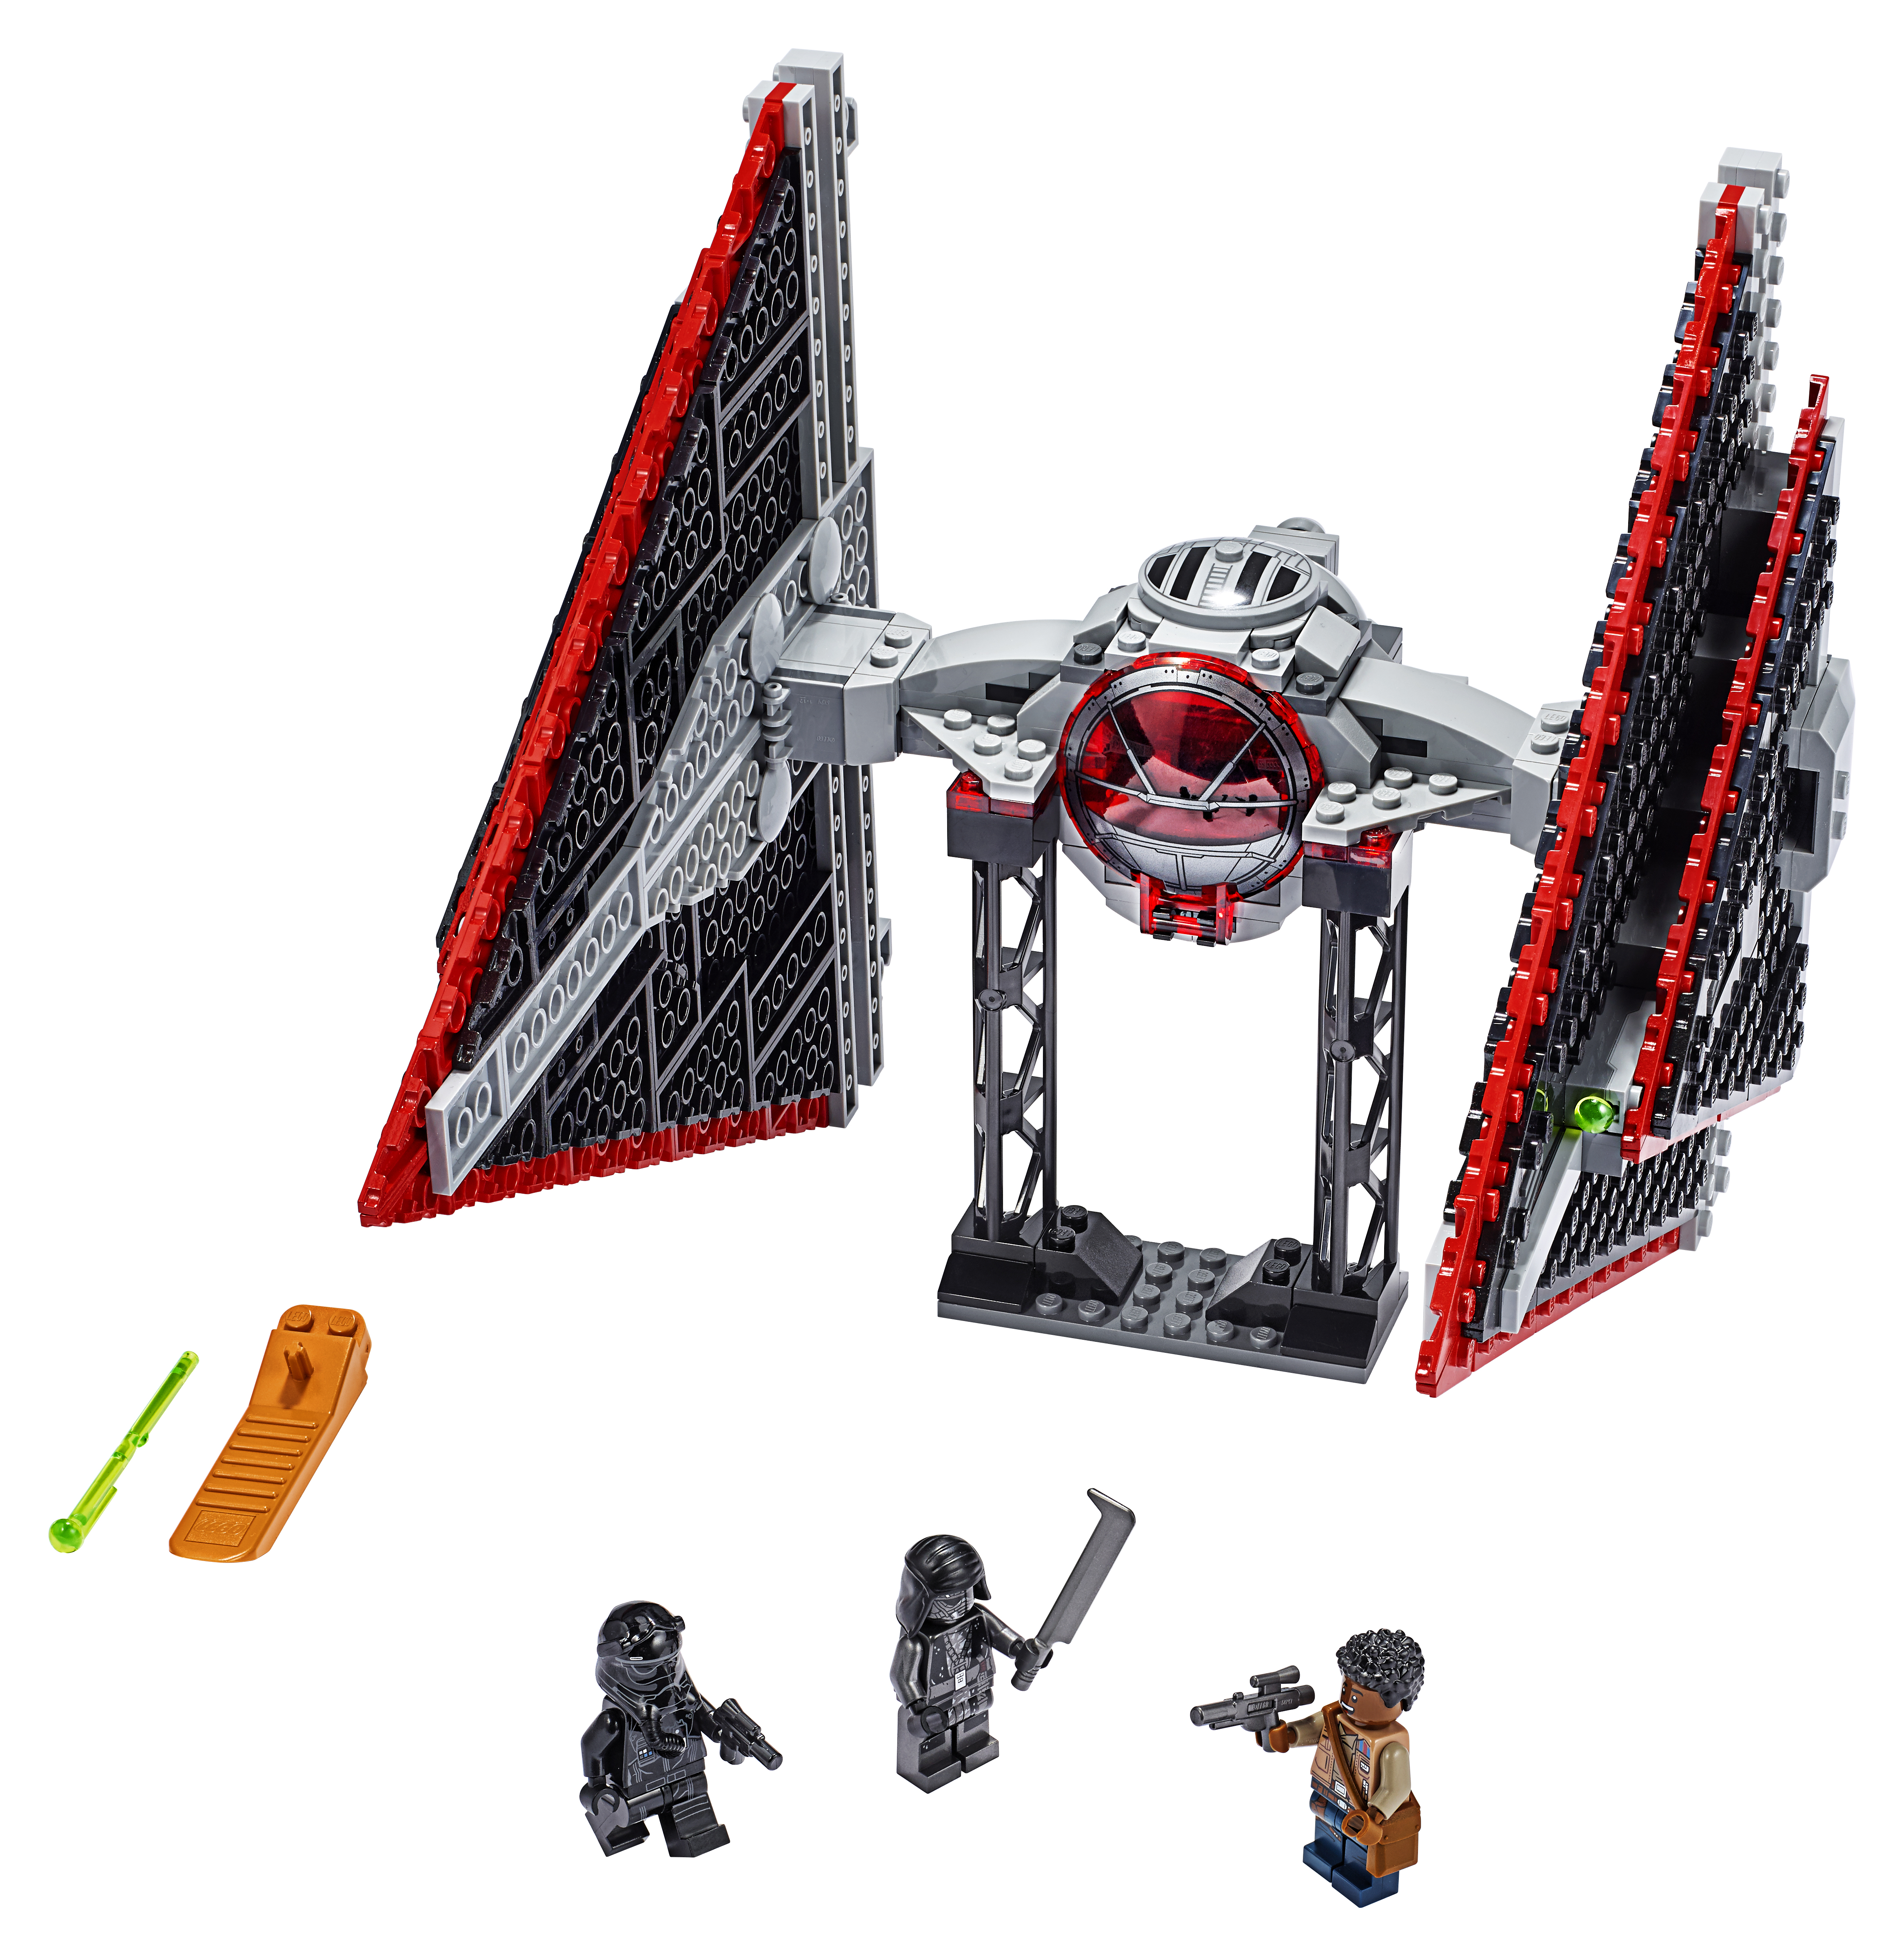 TROS Sith TIE Fighter Lego set 3